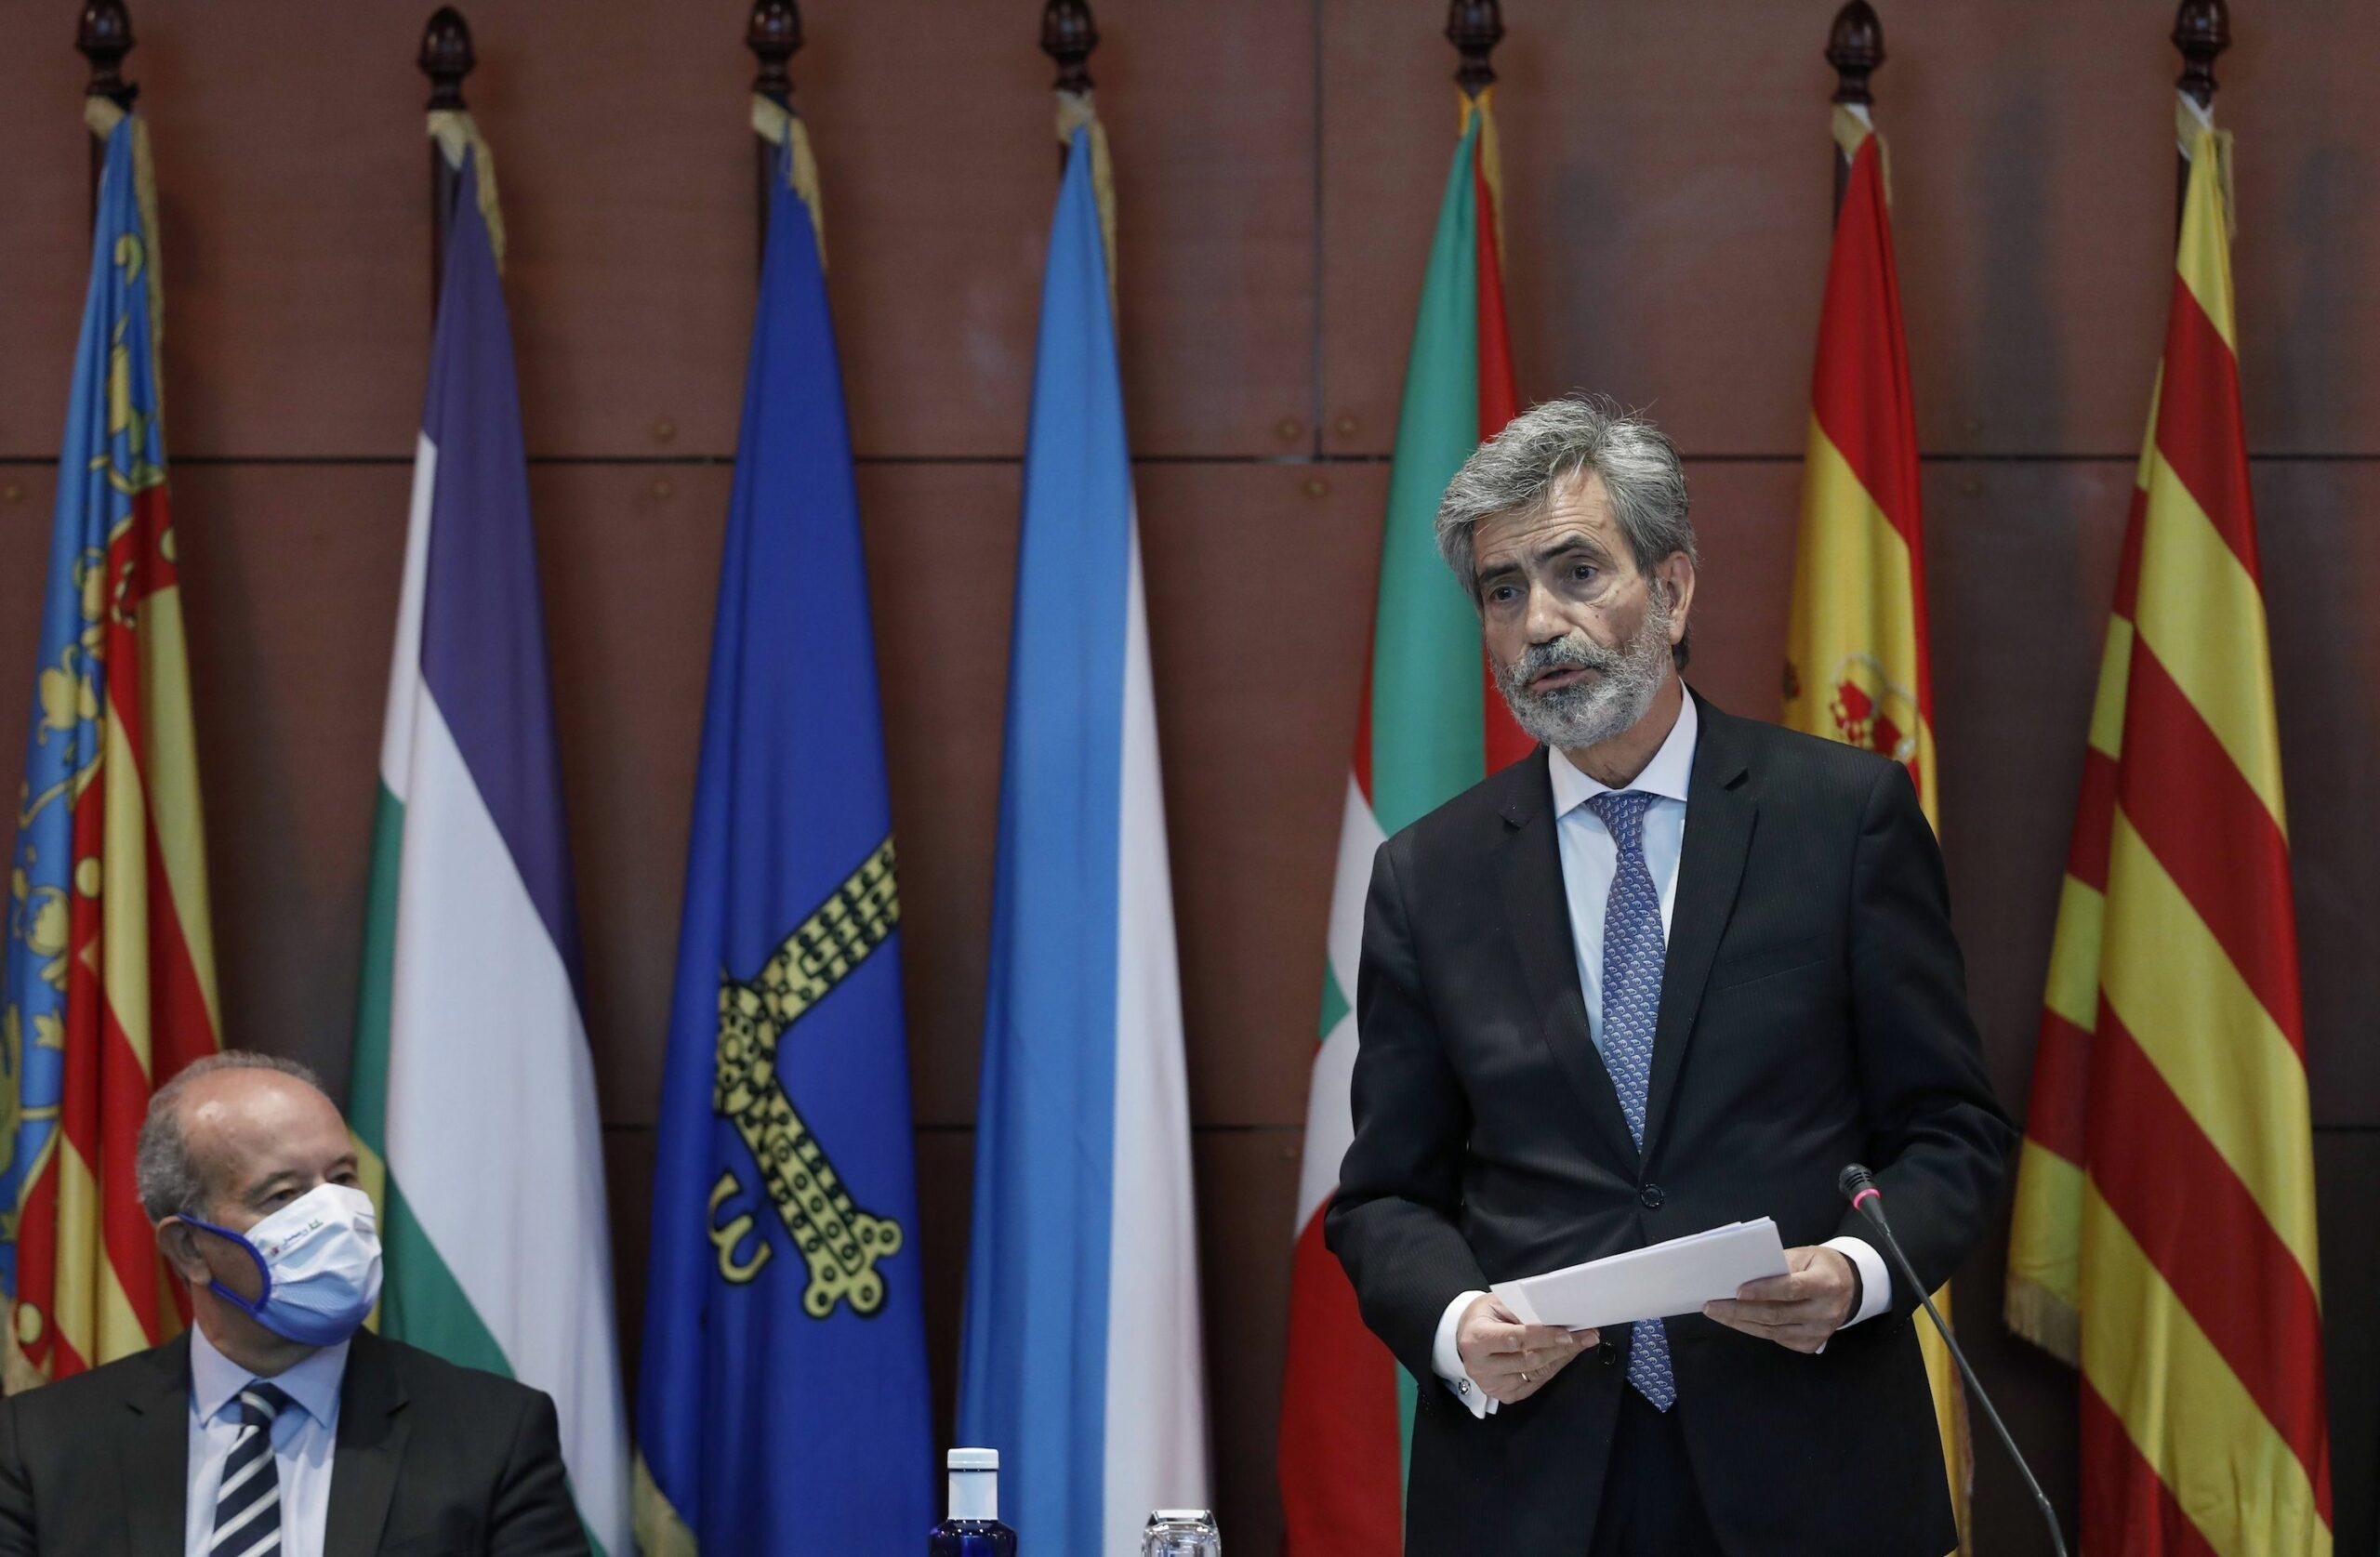 El president del Consell General del Poder Judicial, Carlos Lesmes, i el ministre de Just?cia, Juan Carlos Campo, en l'acte de lliurament de despatxos als nous jutges / Europa Press